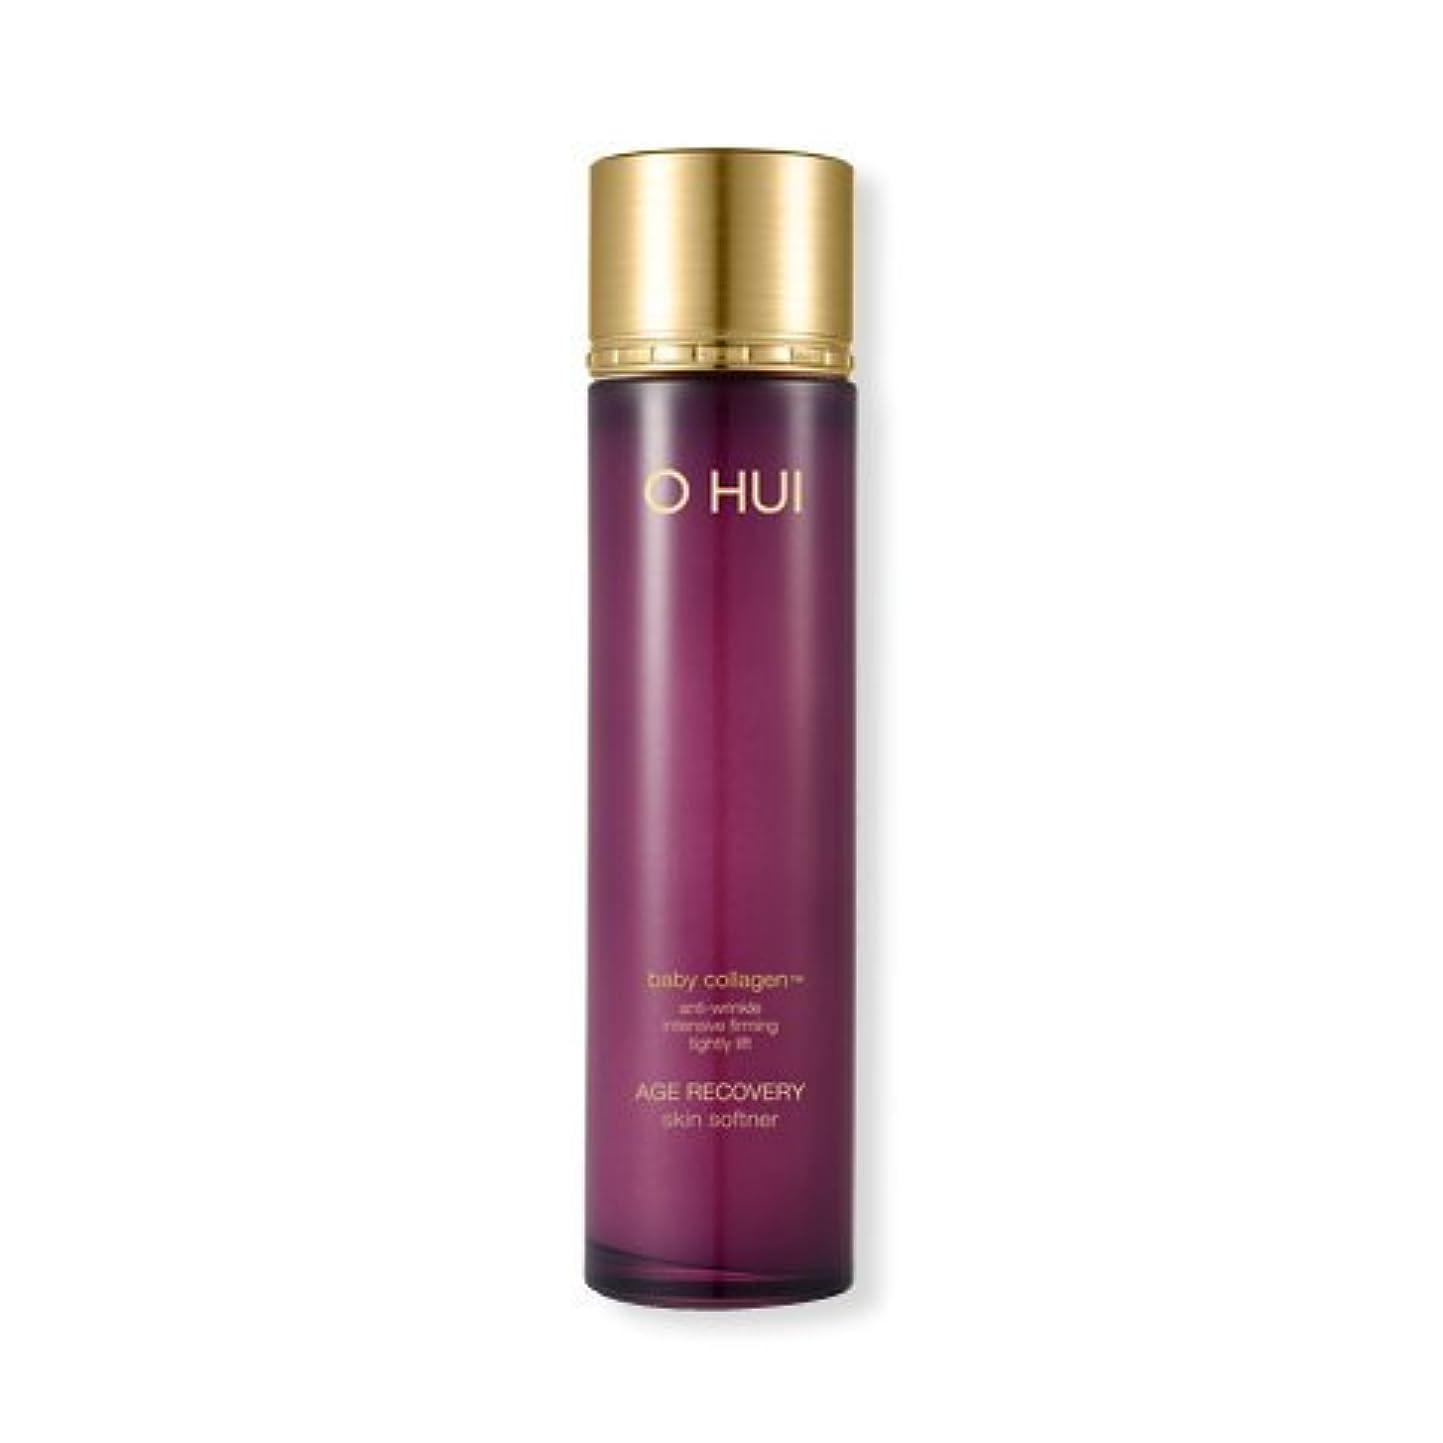 年齢慰めレスリングOHUI Age Recovery Skin Softener 150ml/オフィ エイジ リカバリー スキン ソフナー 150ml [並行輸入品]